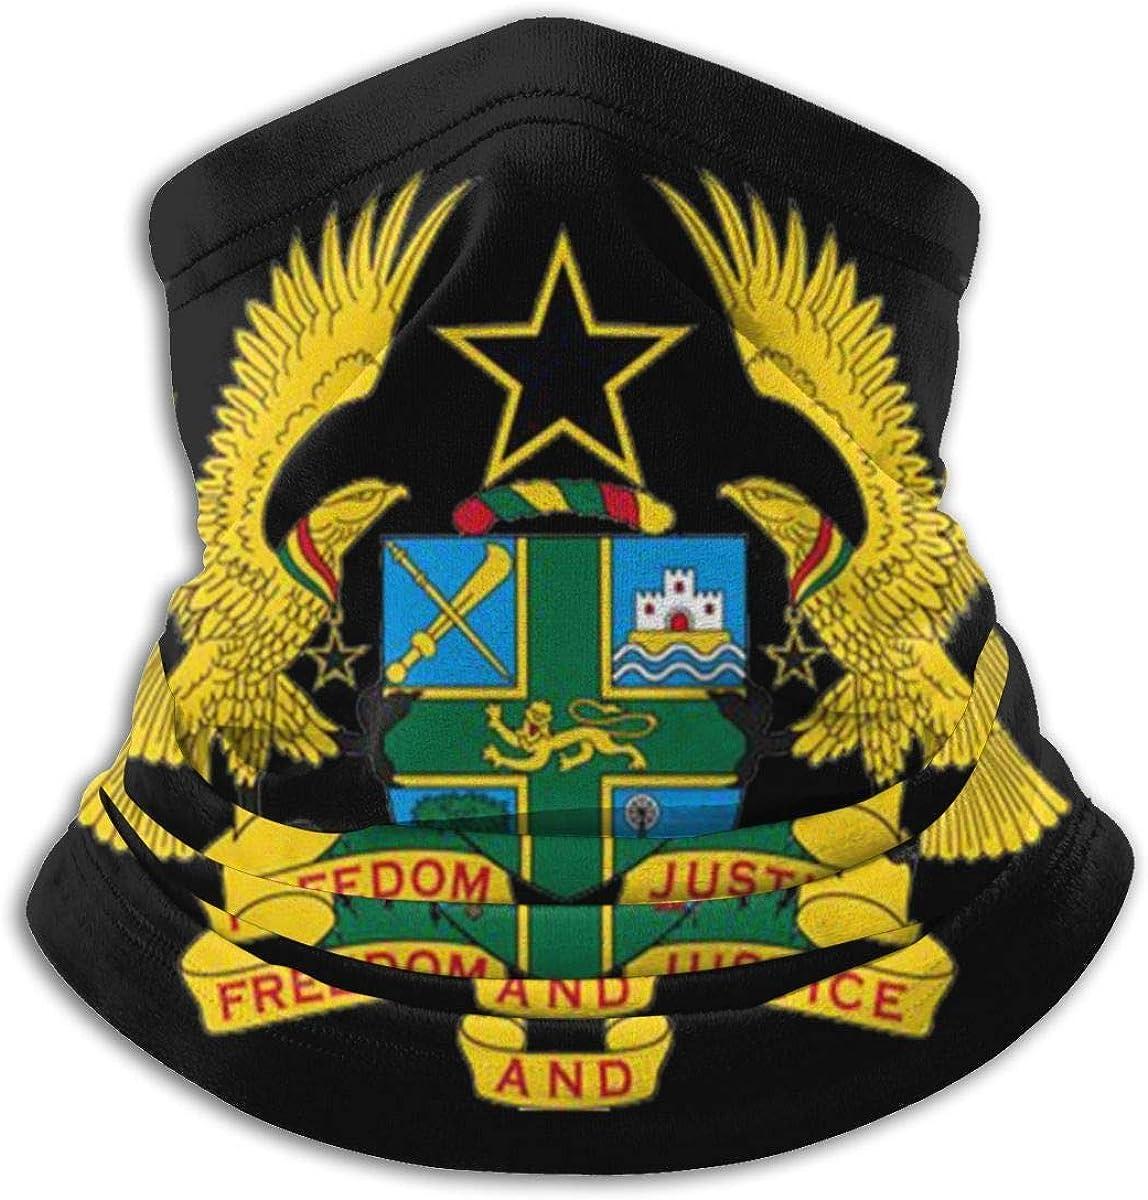 Ghana Eagle Castle Badge Flag Calentador de cuello Bufanda Polaina Mascarilla Bandanas para polvo Clima frío Invierno al aire libre Festivales Deportes para hombres y mujeres